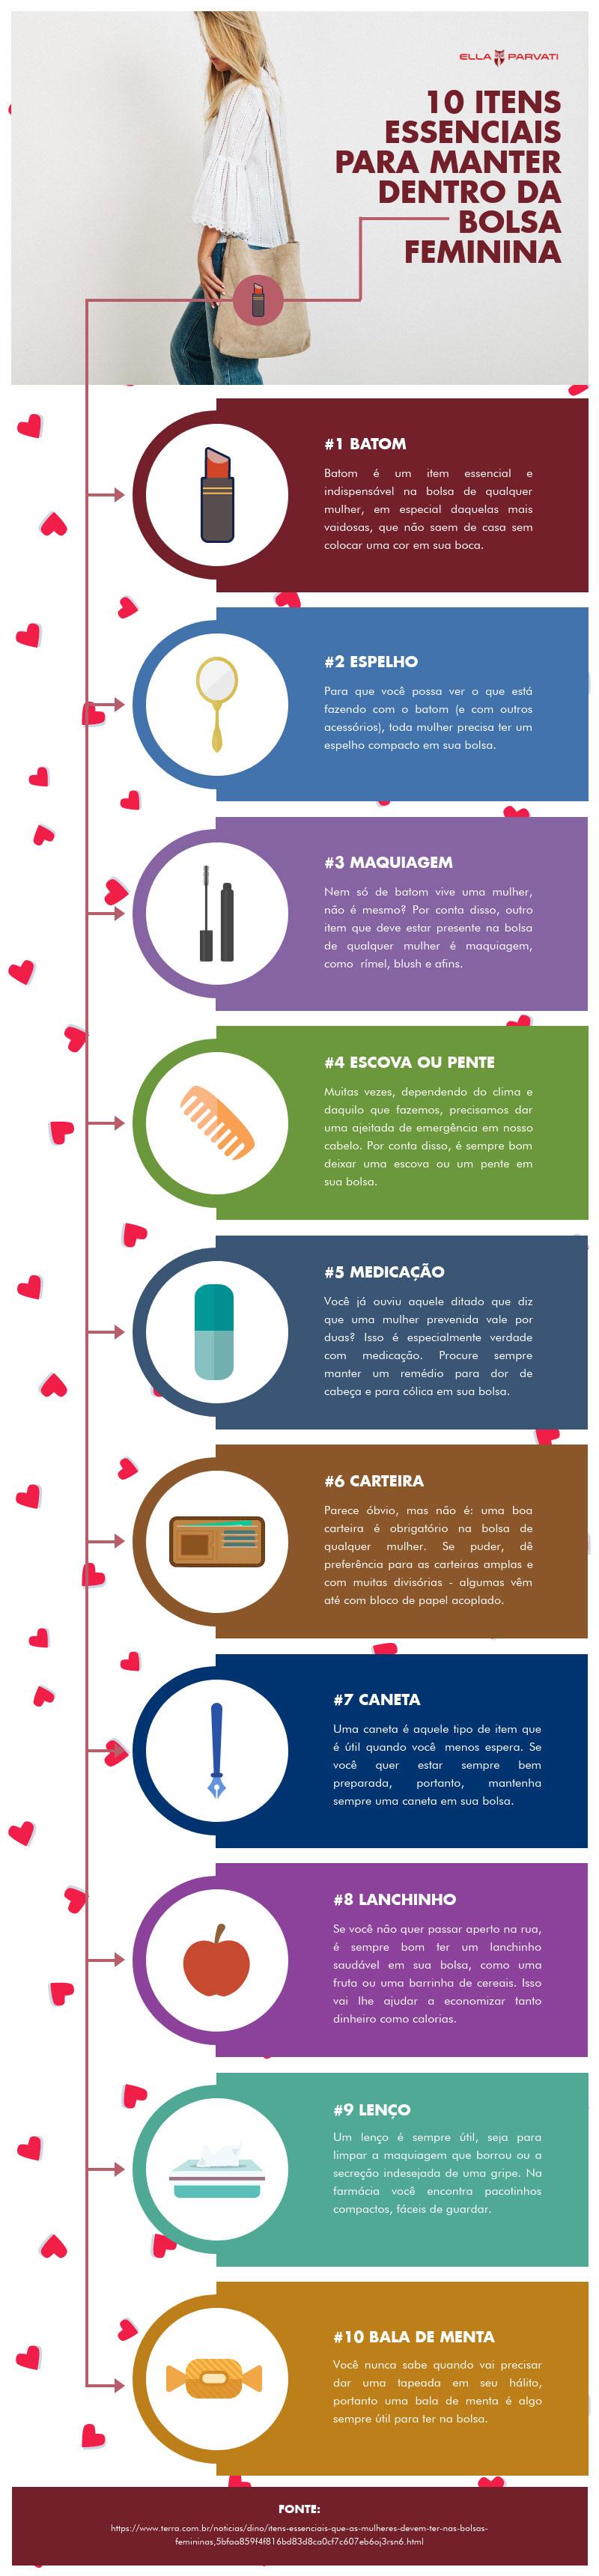 10-Itens-essenciais-para-manter-dentro-da-bolsa-feminina